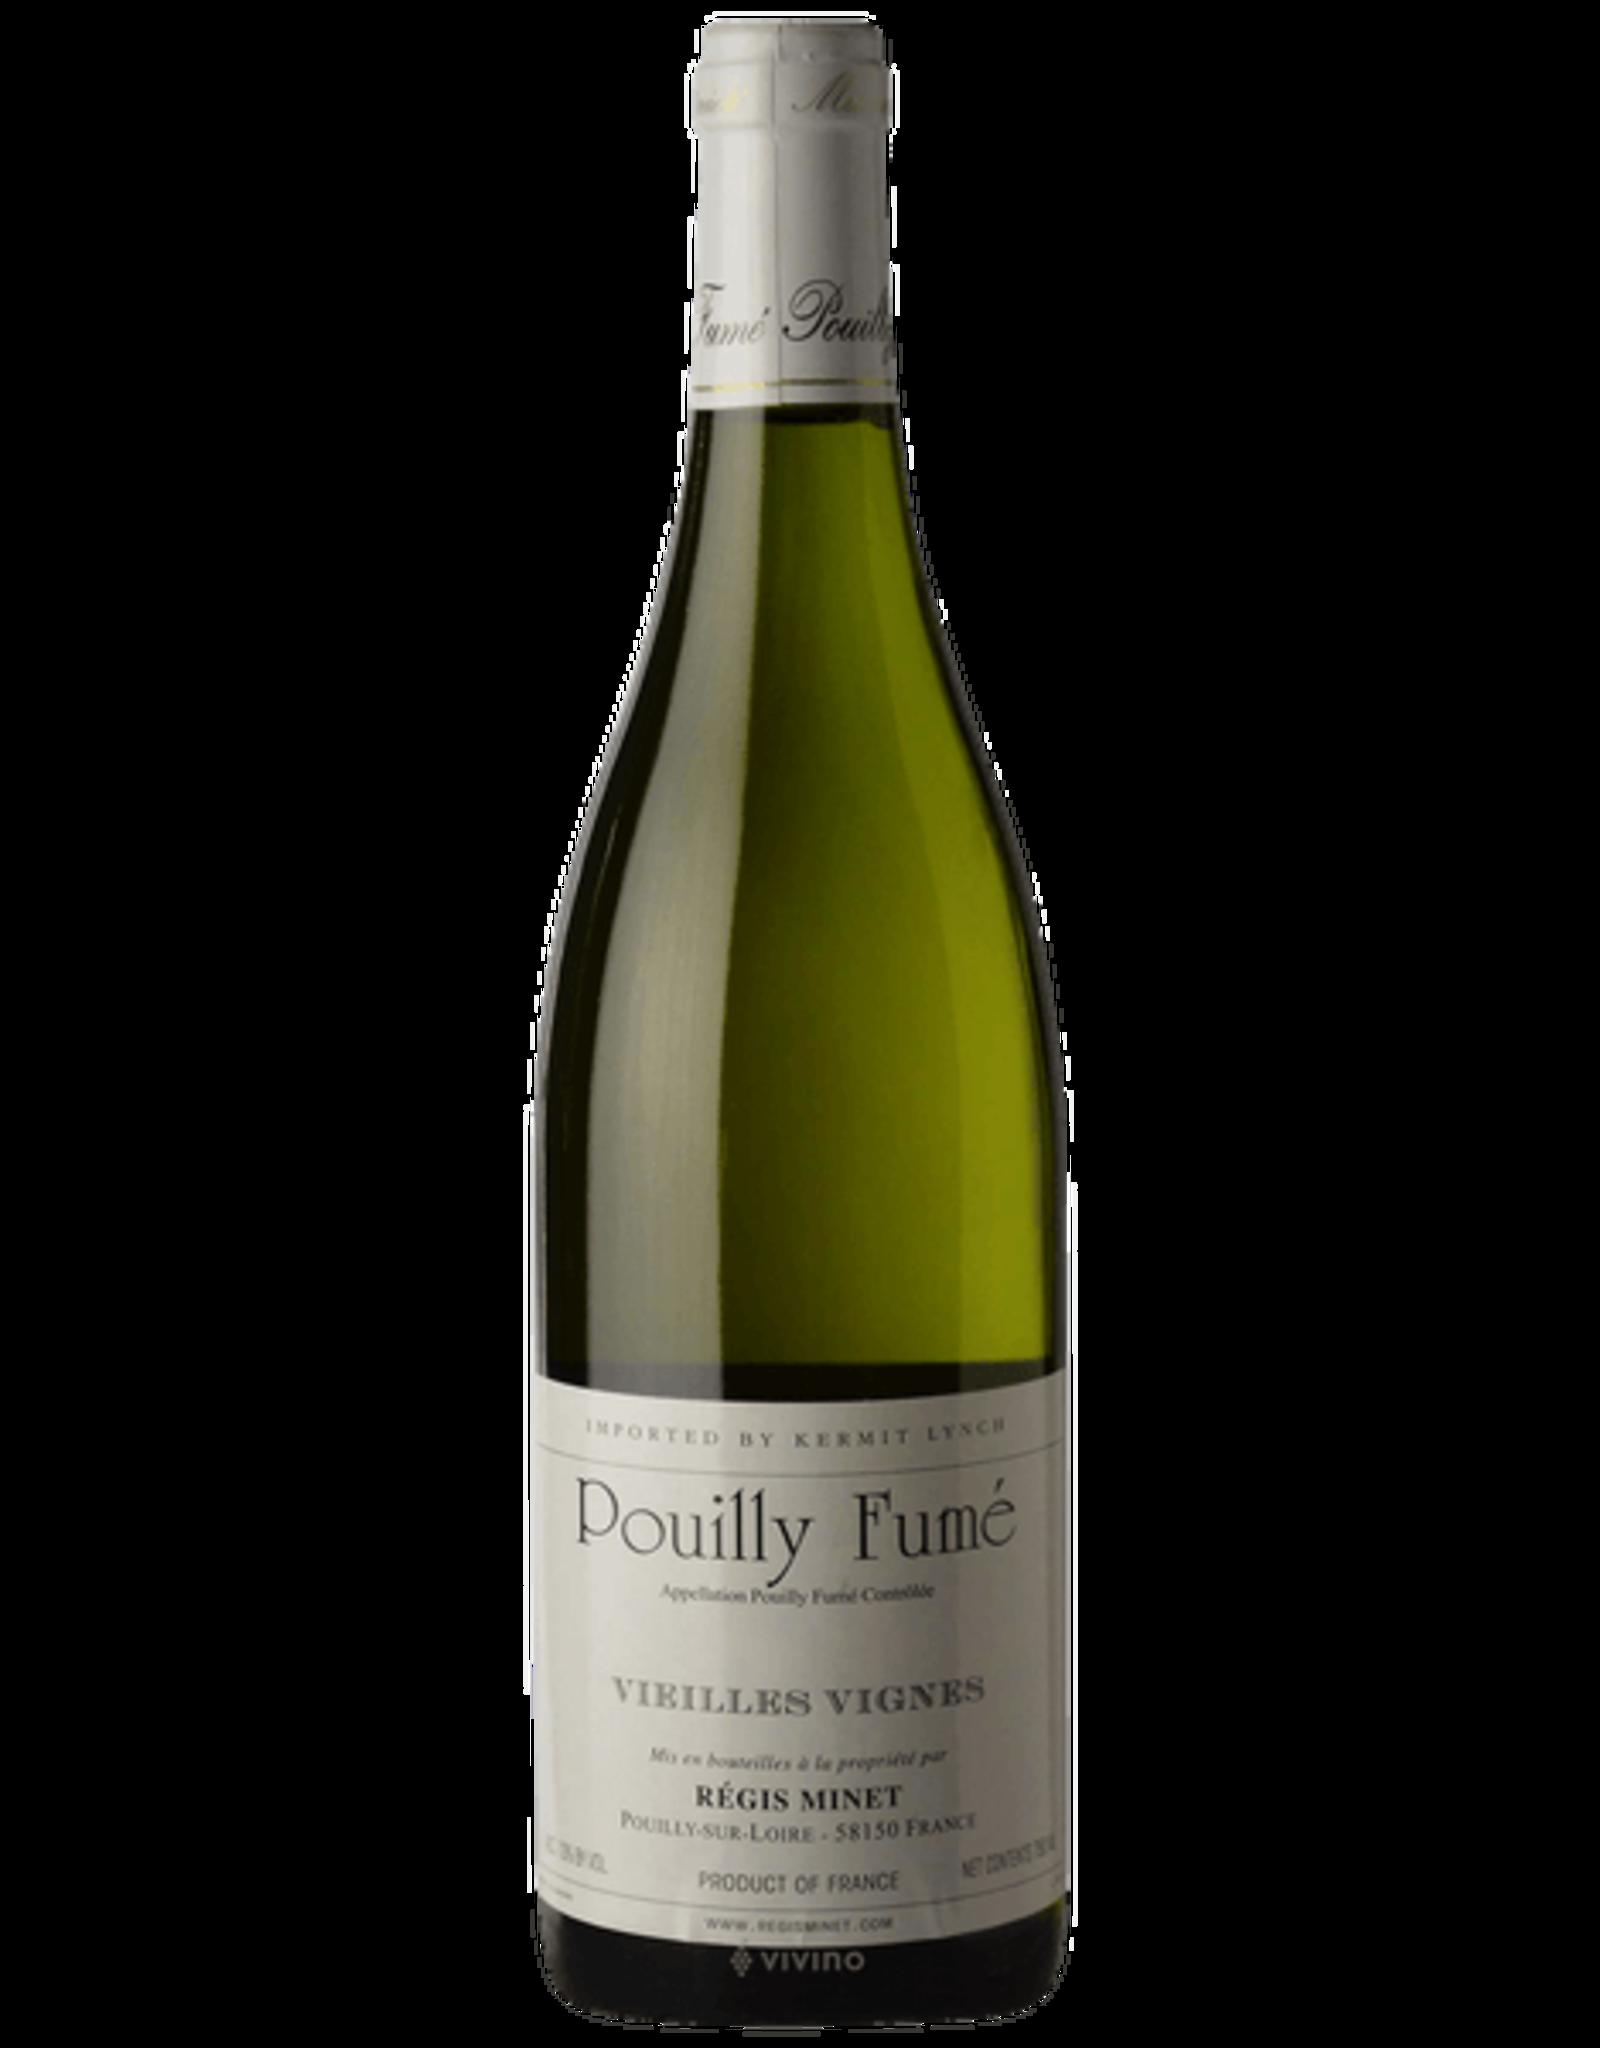 Regis Minet Pouilly Fumé Vieilles Vignes